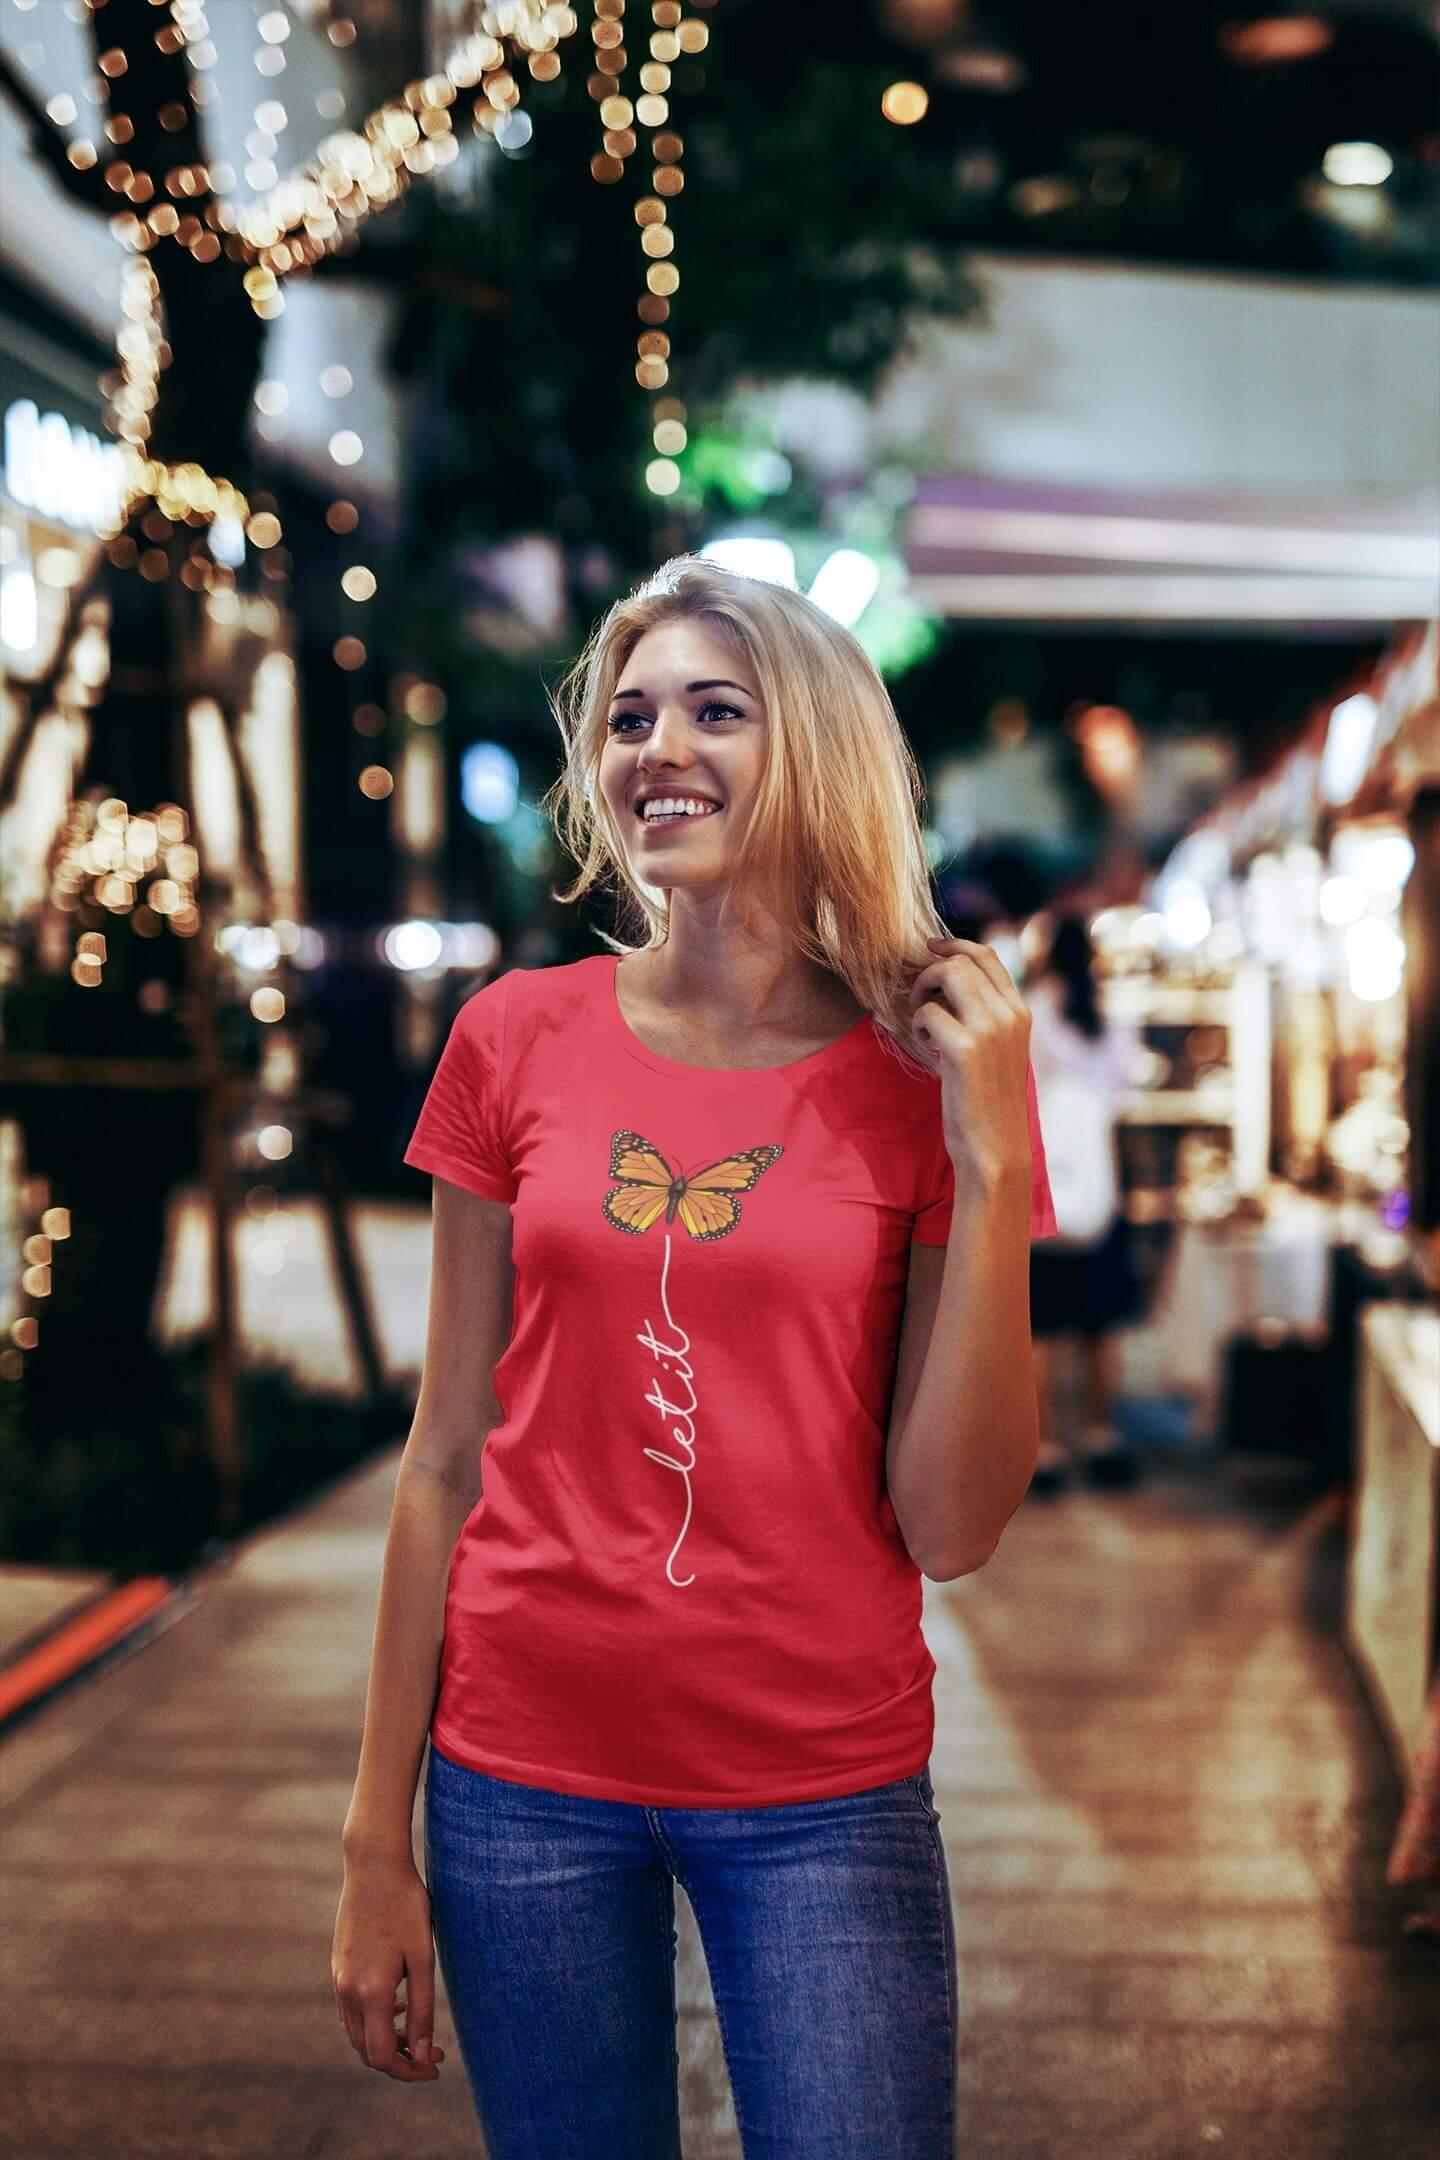 MMO Dámske tričko Let it motýľ Vyberte farbu: Červená, Vyberte veľkosť: S